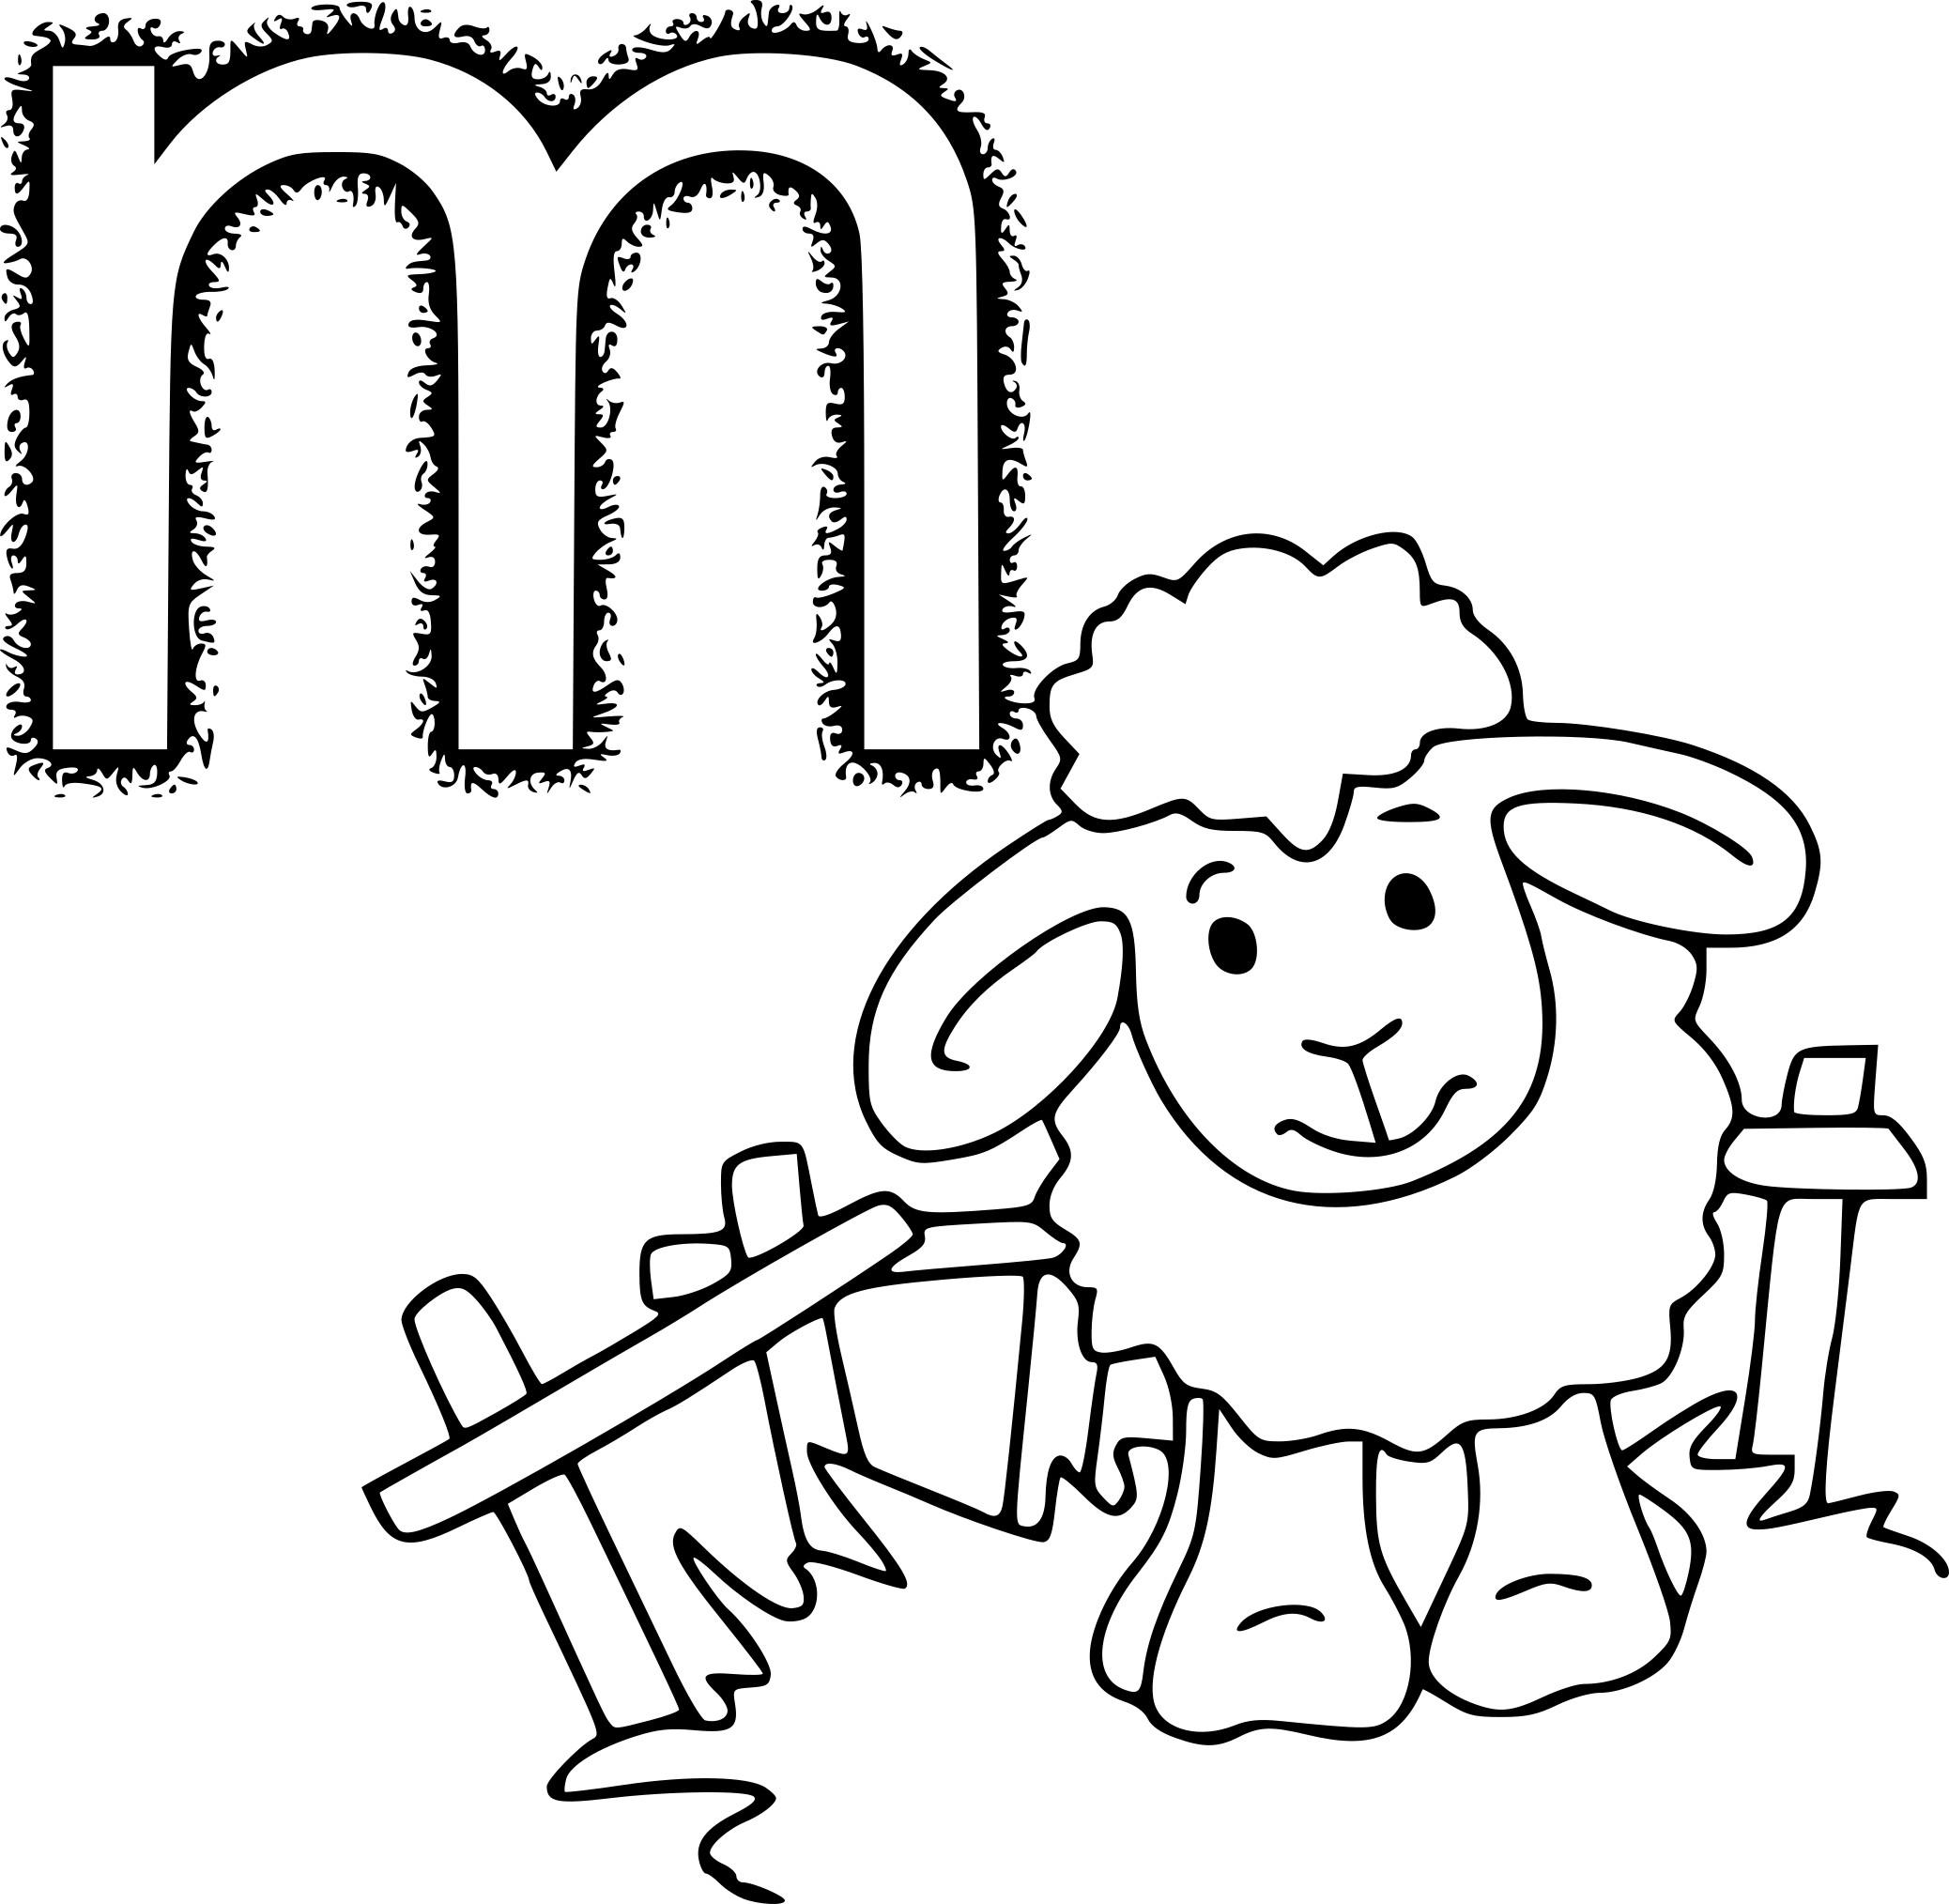 Souvent Coloriage M comme mouton à imprimer UT42